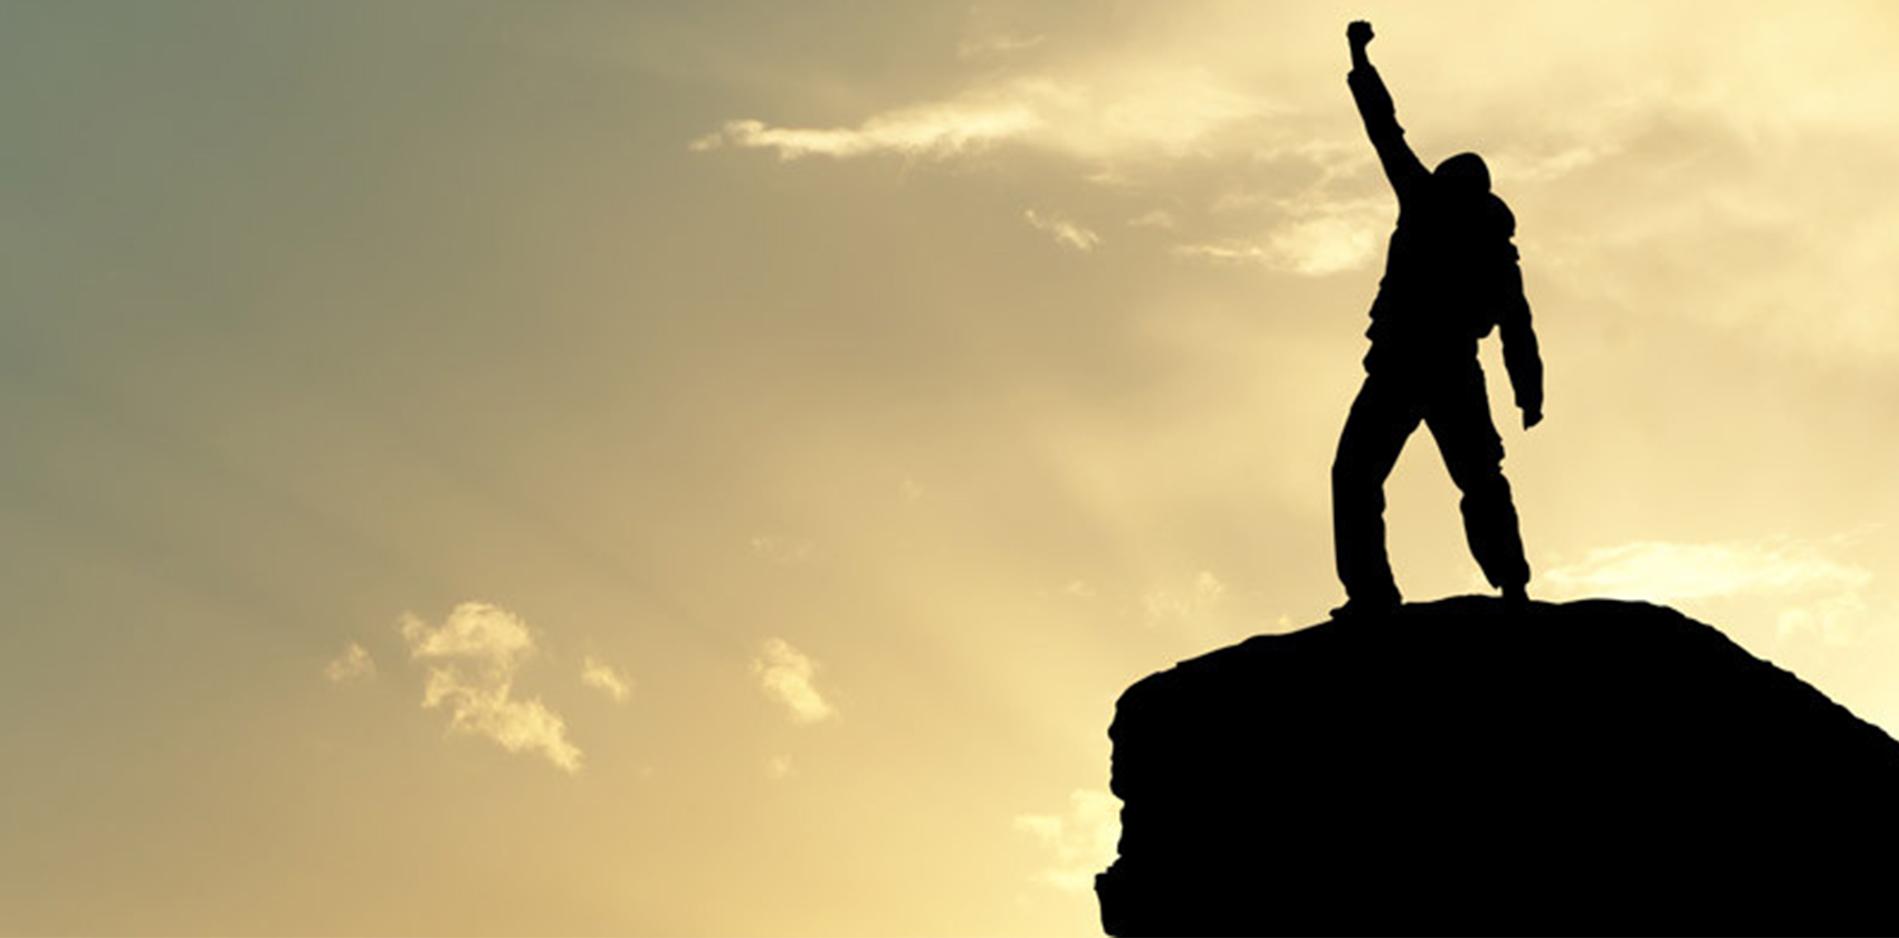 夕陽に向かって拳をあげる人|副腎疲労blog